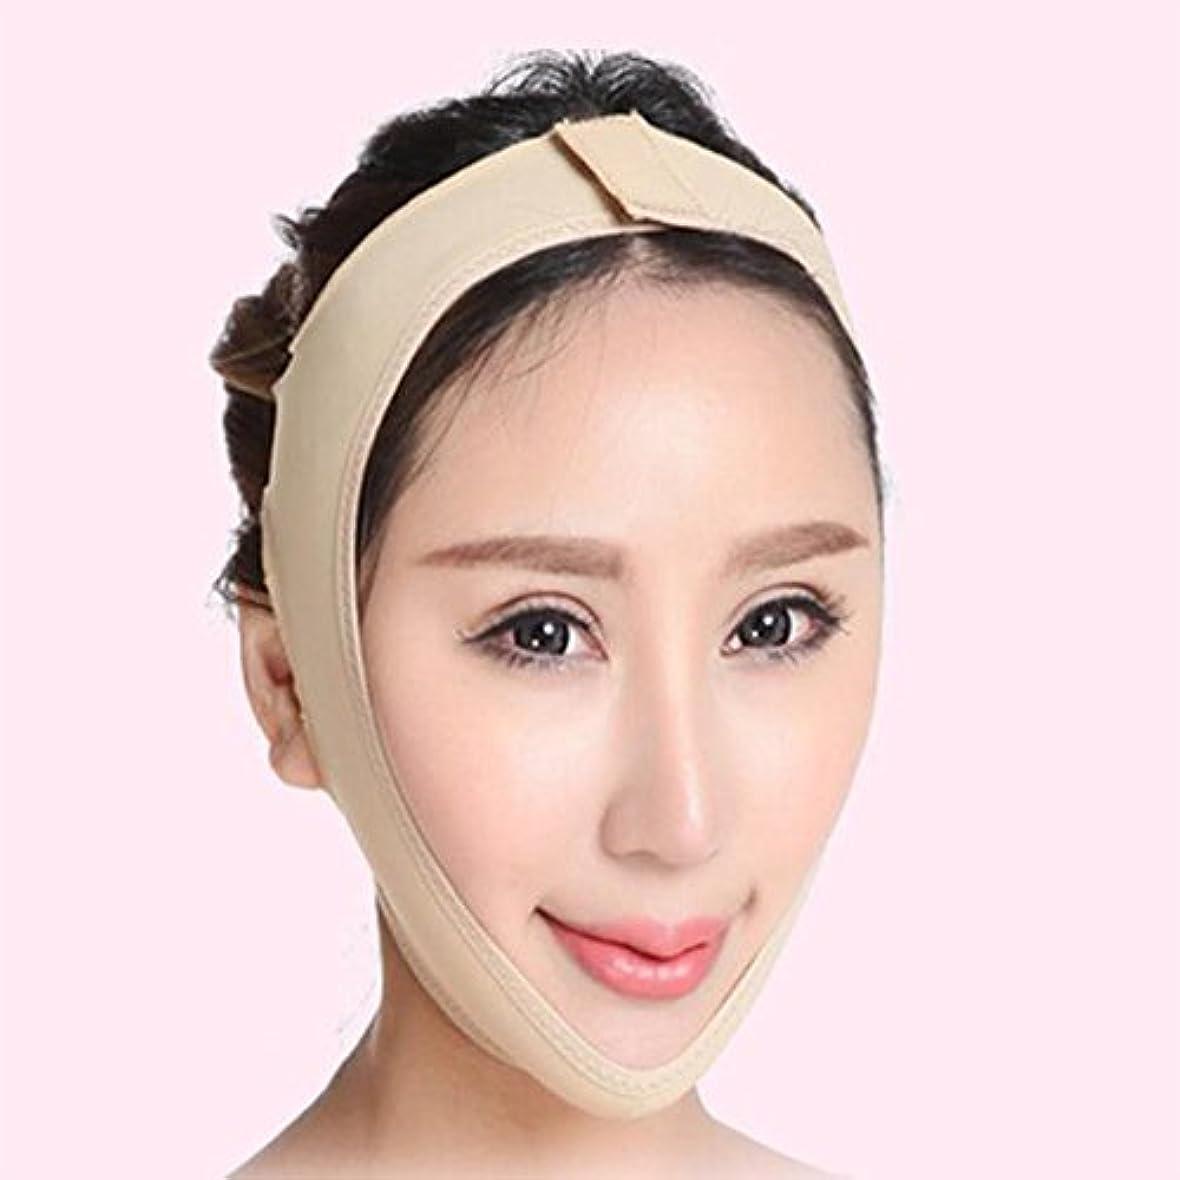 シェル液化するニュースSD 小顔 小顔マスク リフトアップ マスク フェイスライン 矯正 あご シャープ メンズ レディース Lサイズ AZD15003-L